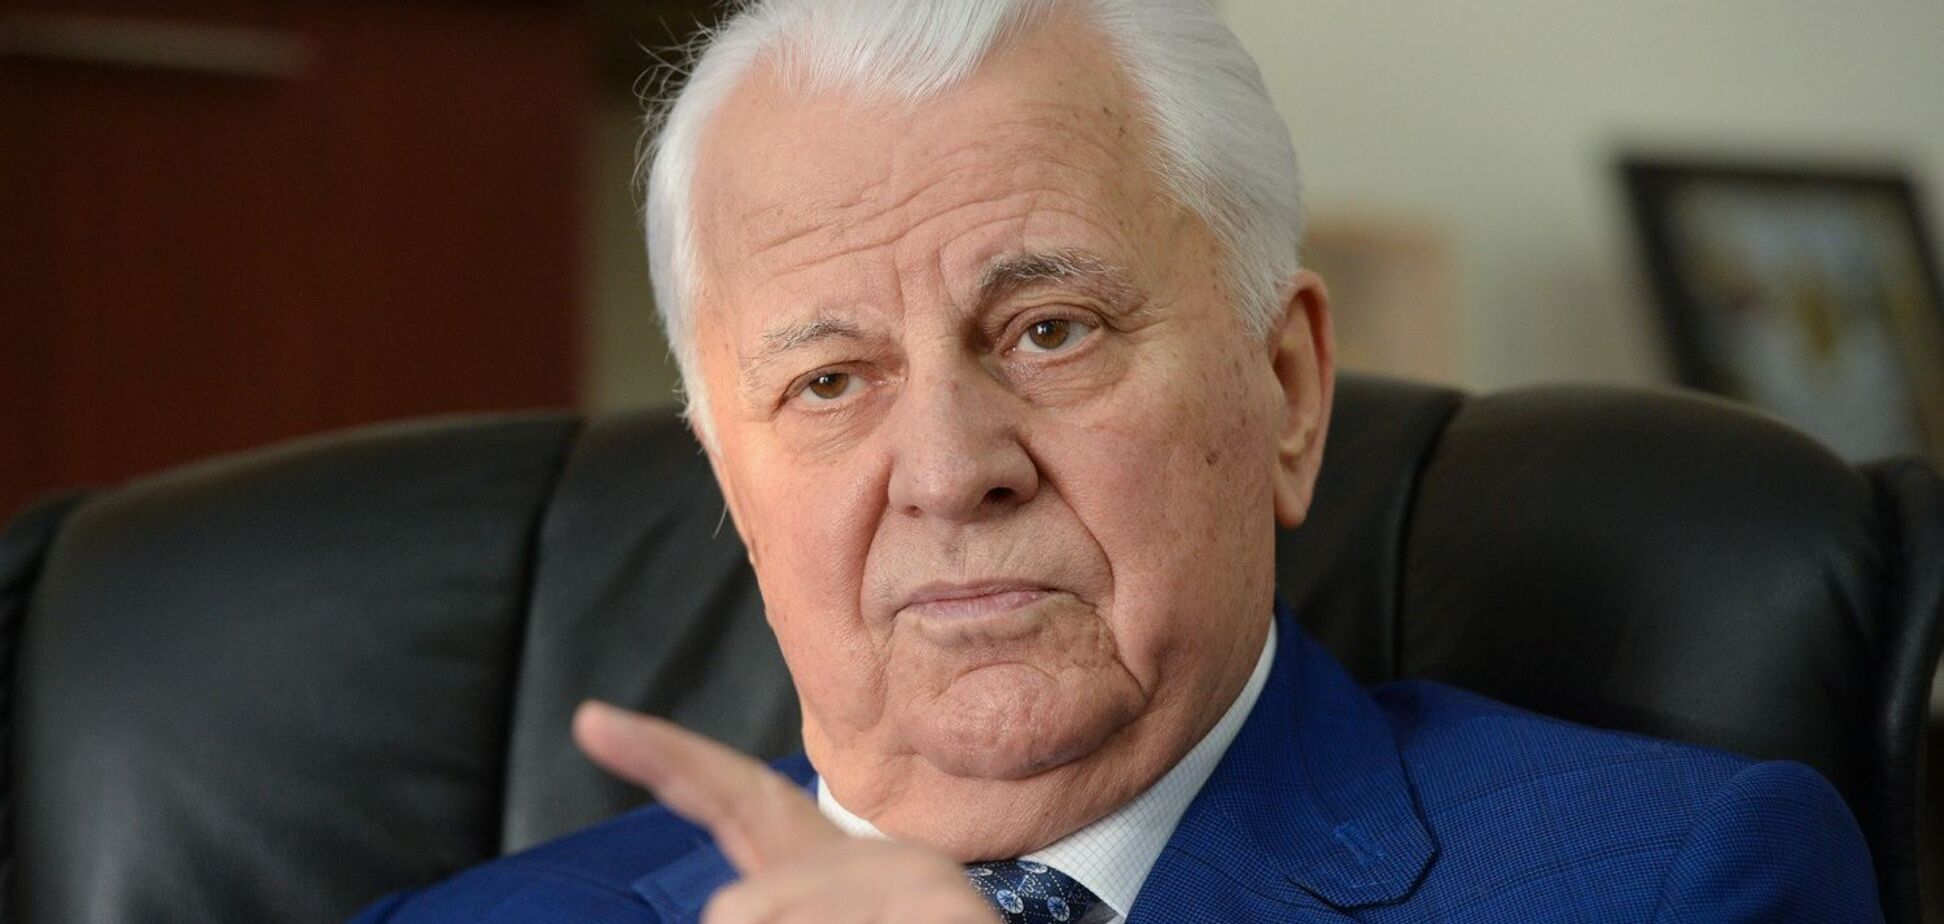 Кравчук заявил, что Россия блокирует почти все инициативы по Донбассу